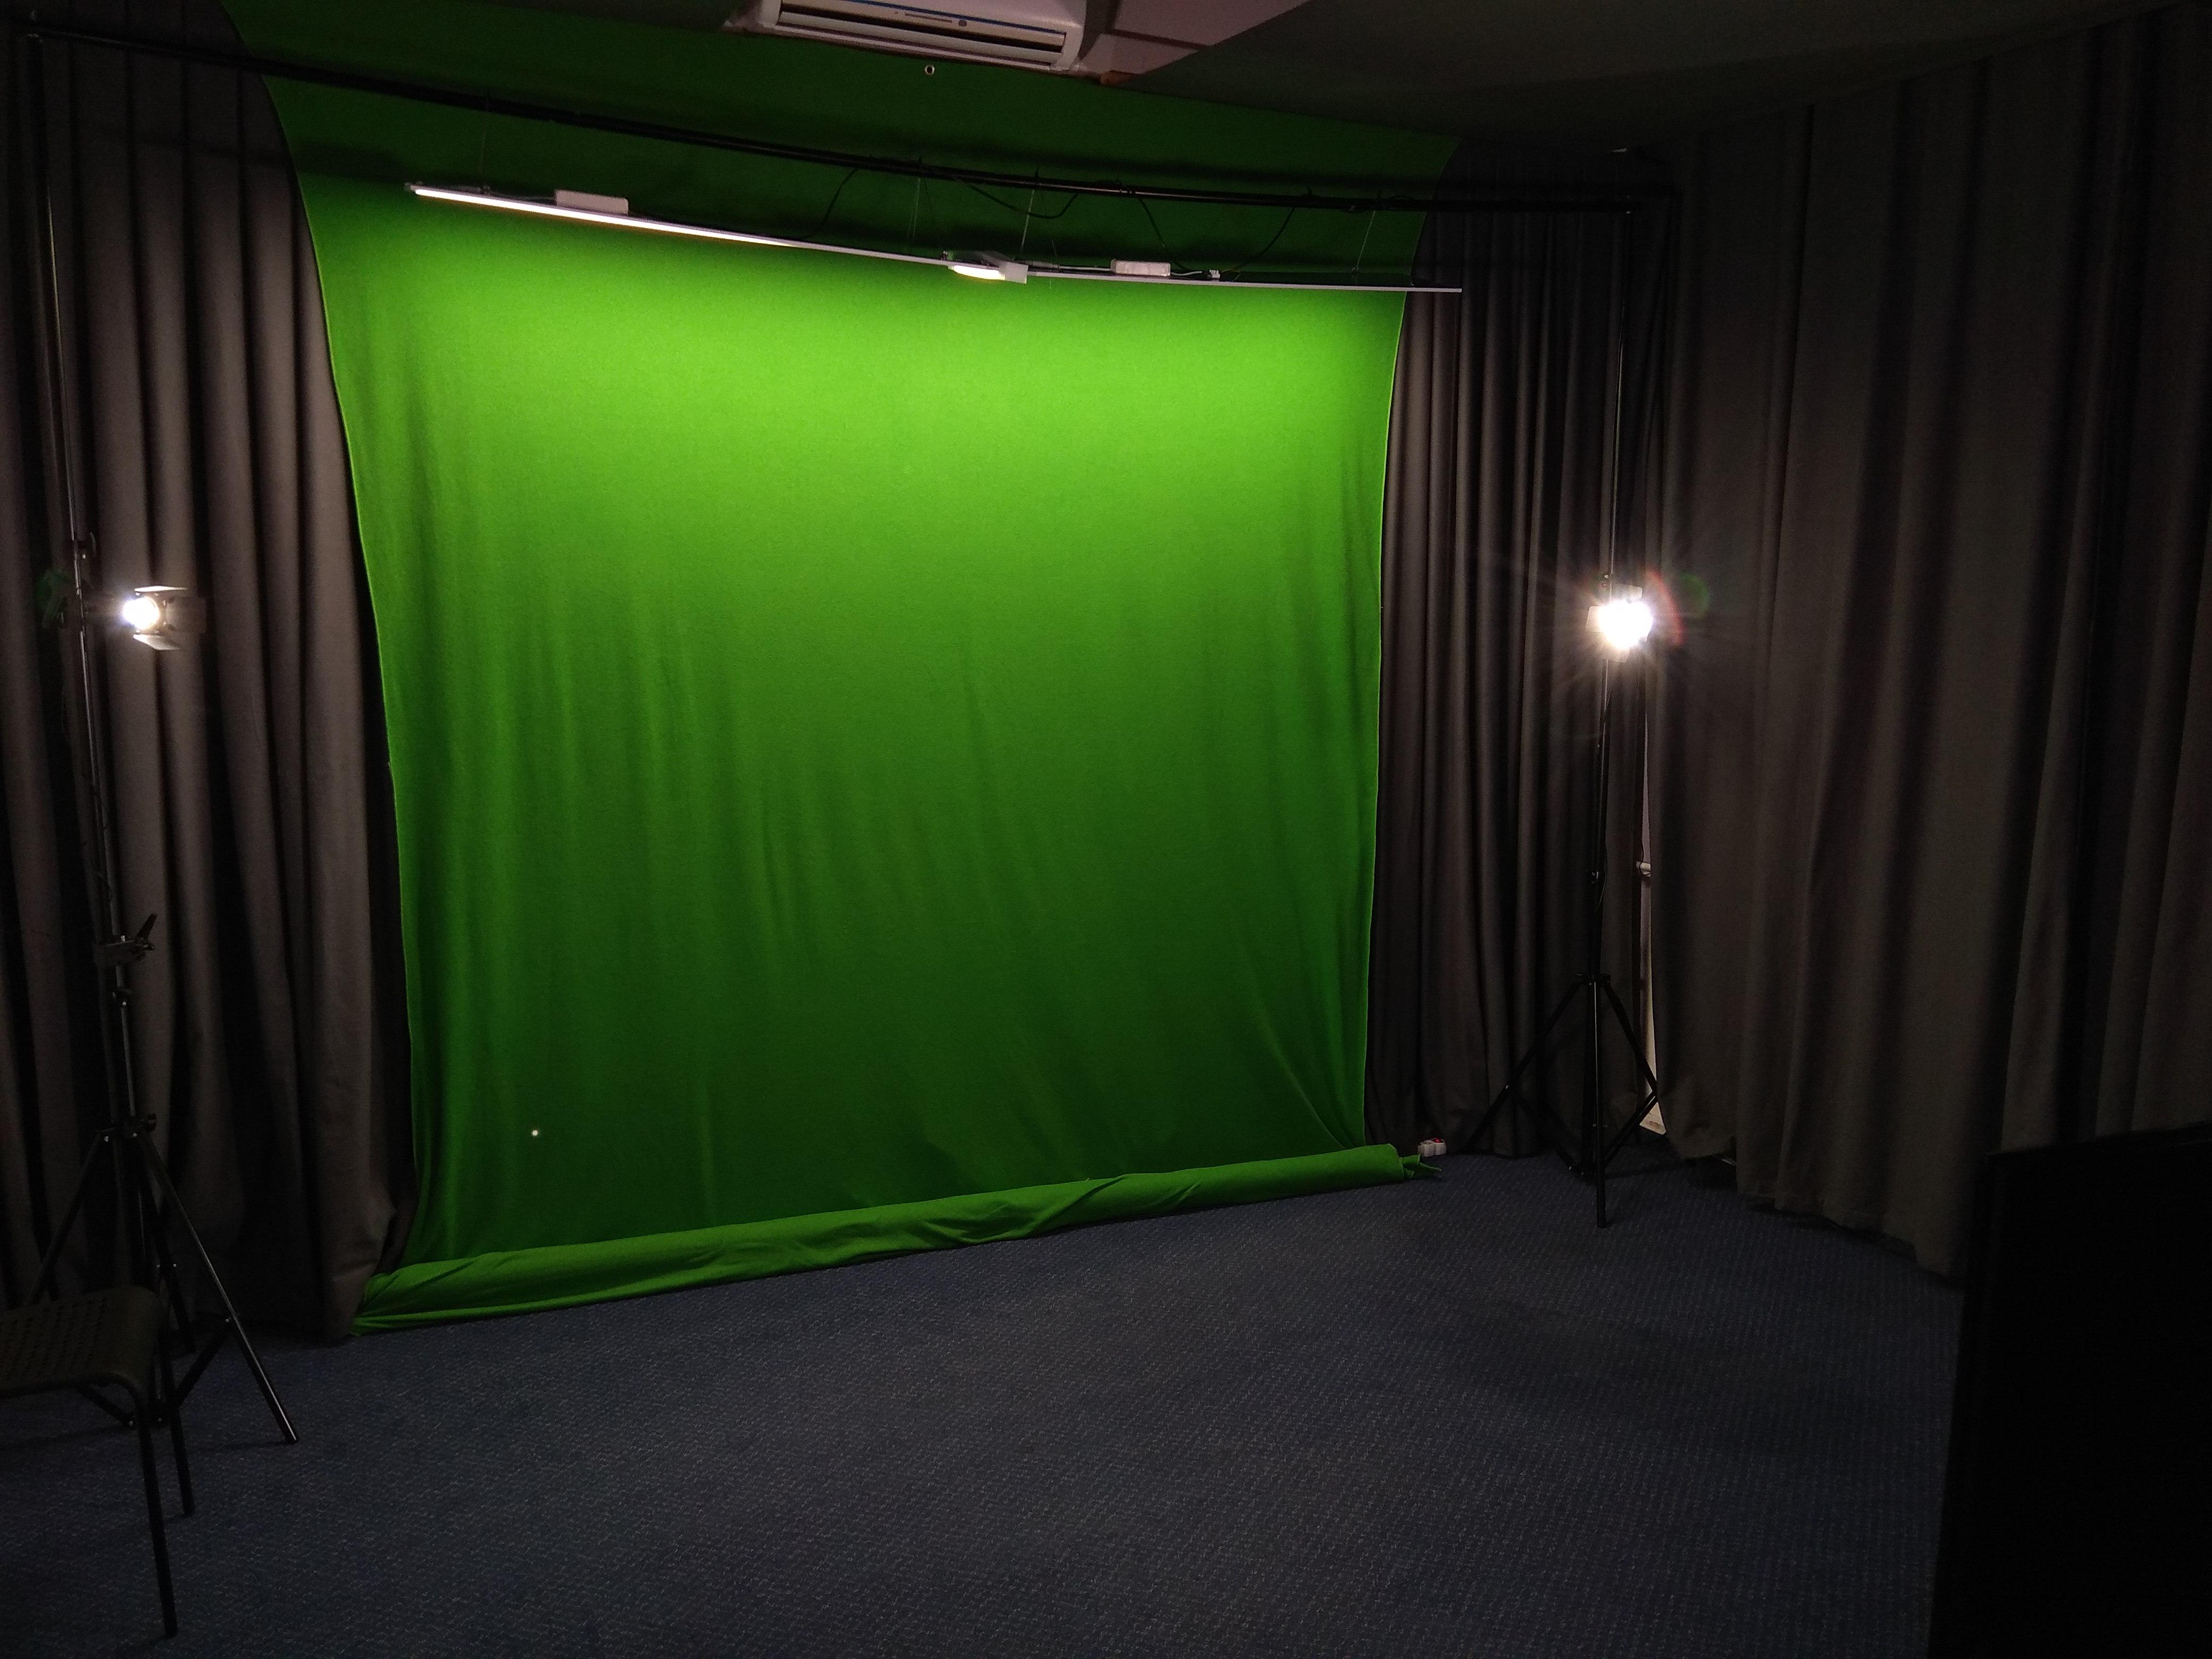 LED osvětlení Reflektory ve škole 1